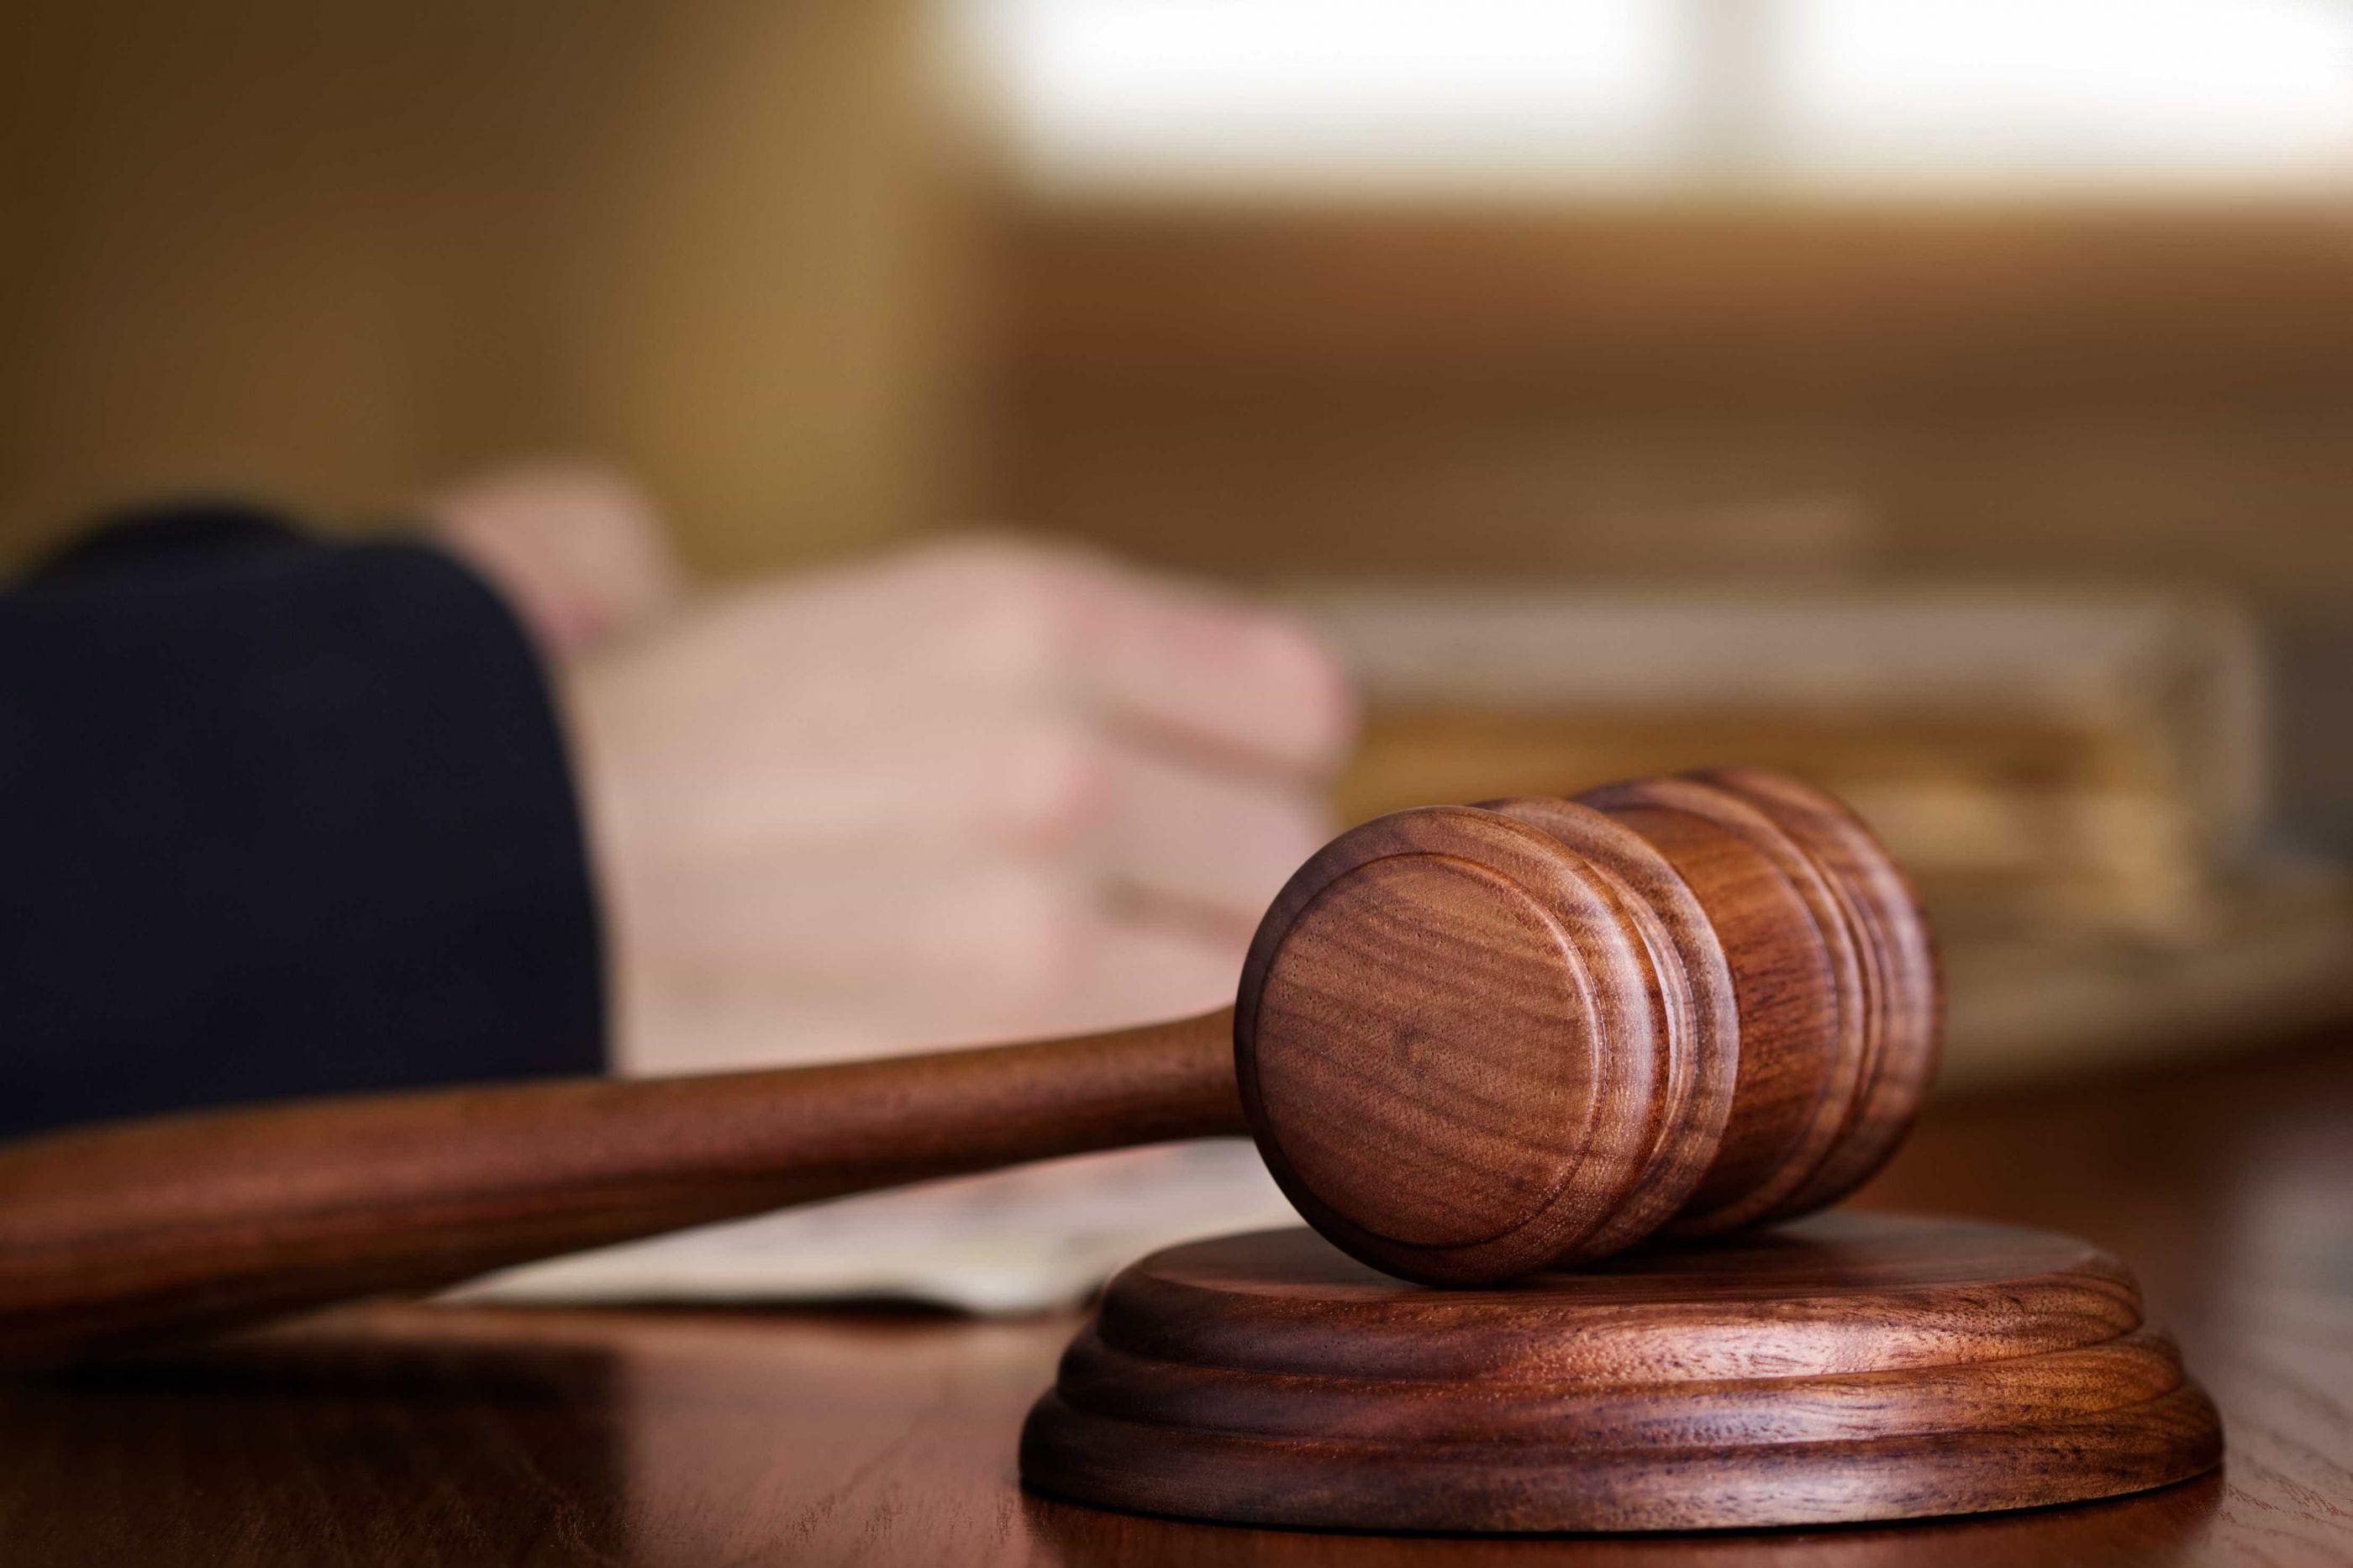 Tribunal pune com ano e meio de prisão efetiva roubo de seis euros